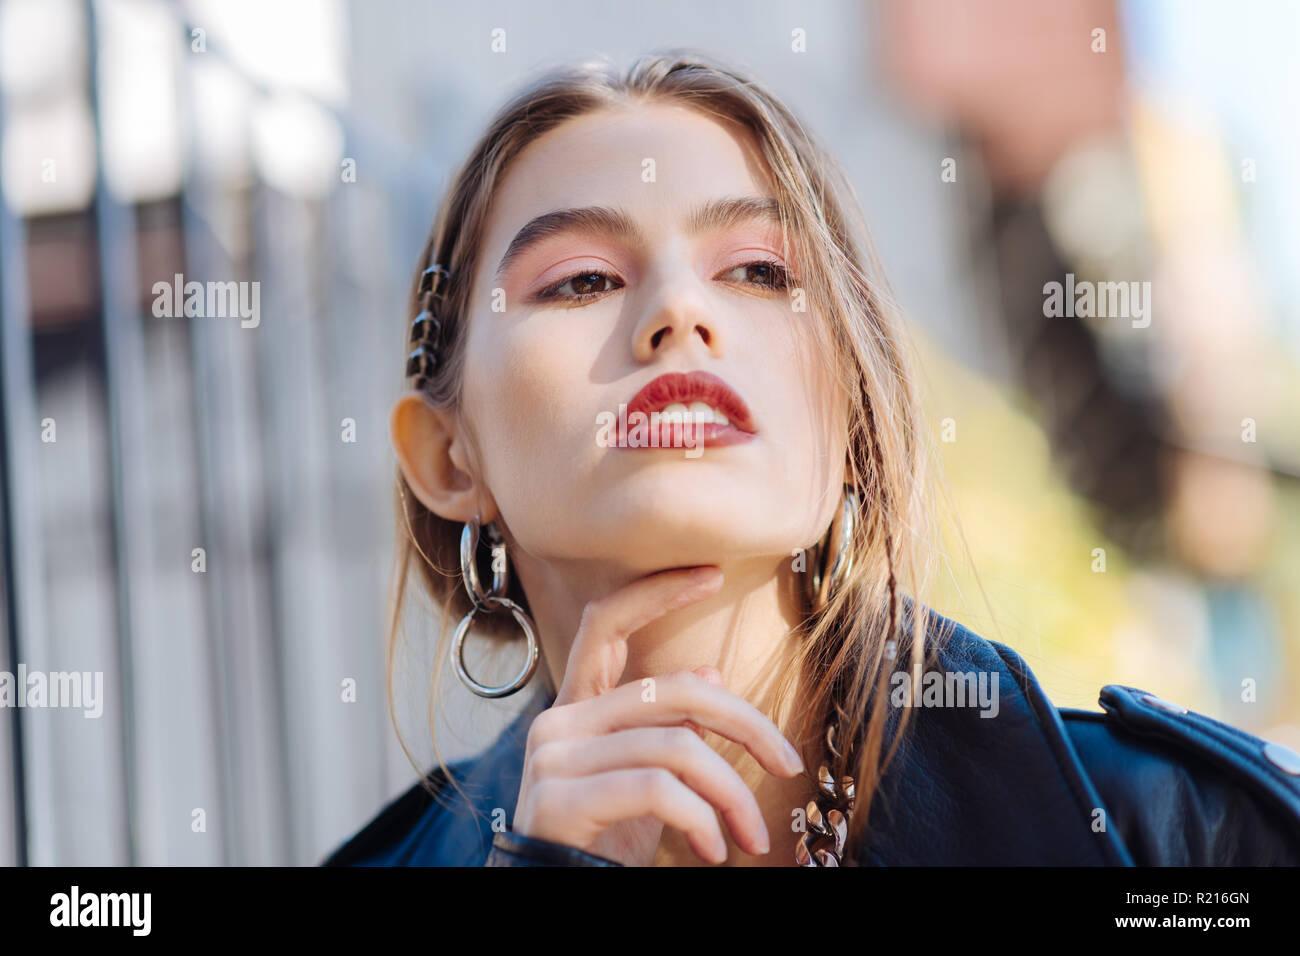 Extremely beautiful photo model feeling joyful posing for cover - Stock Image